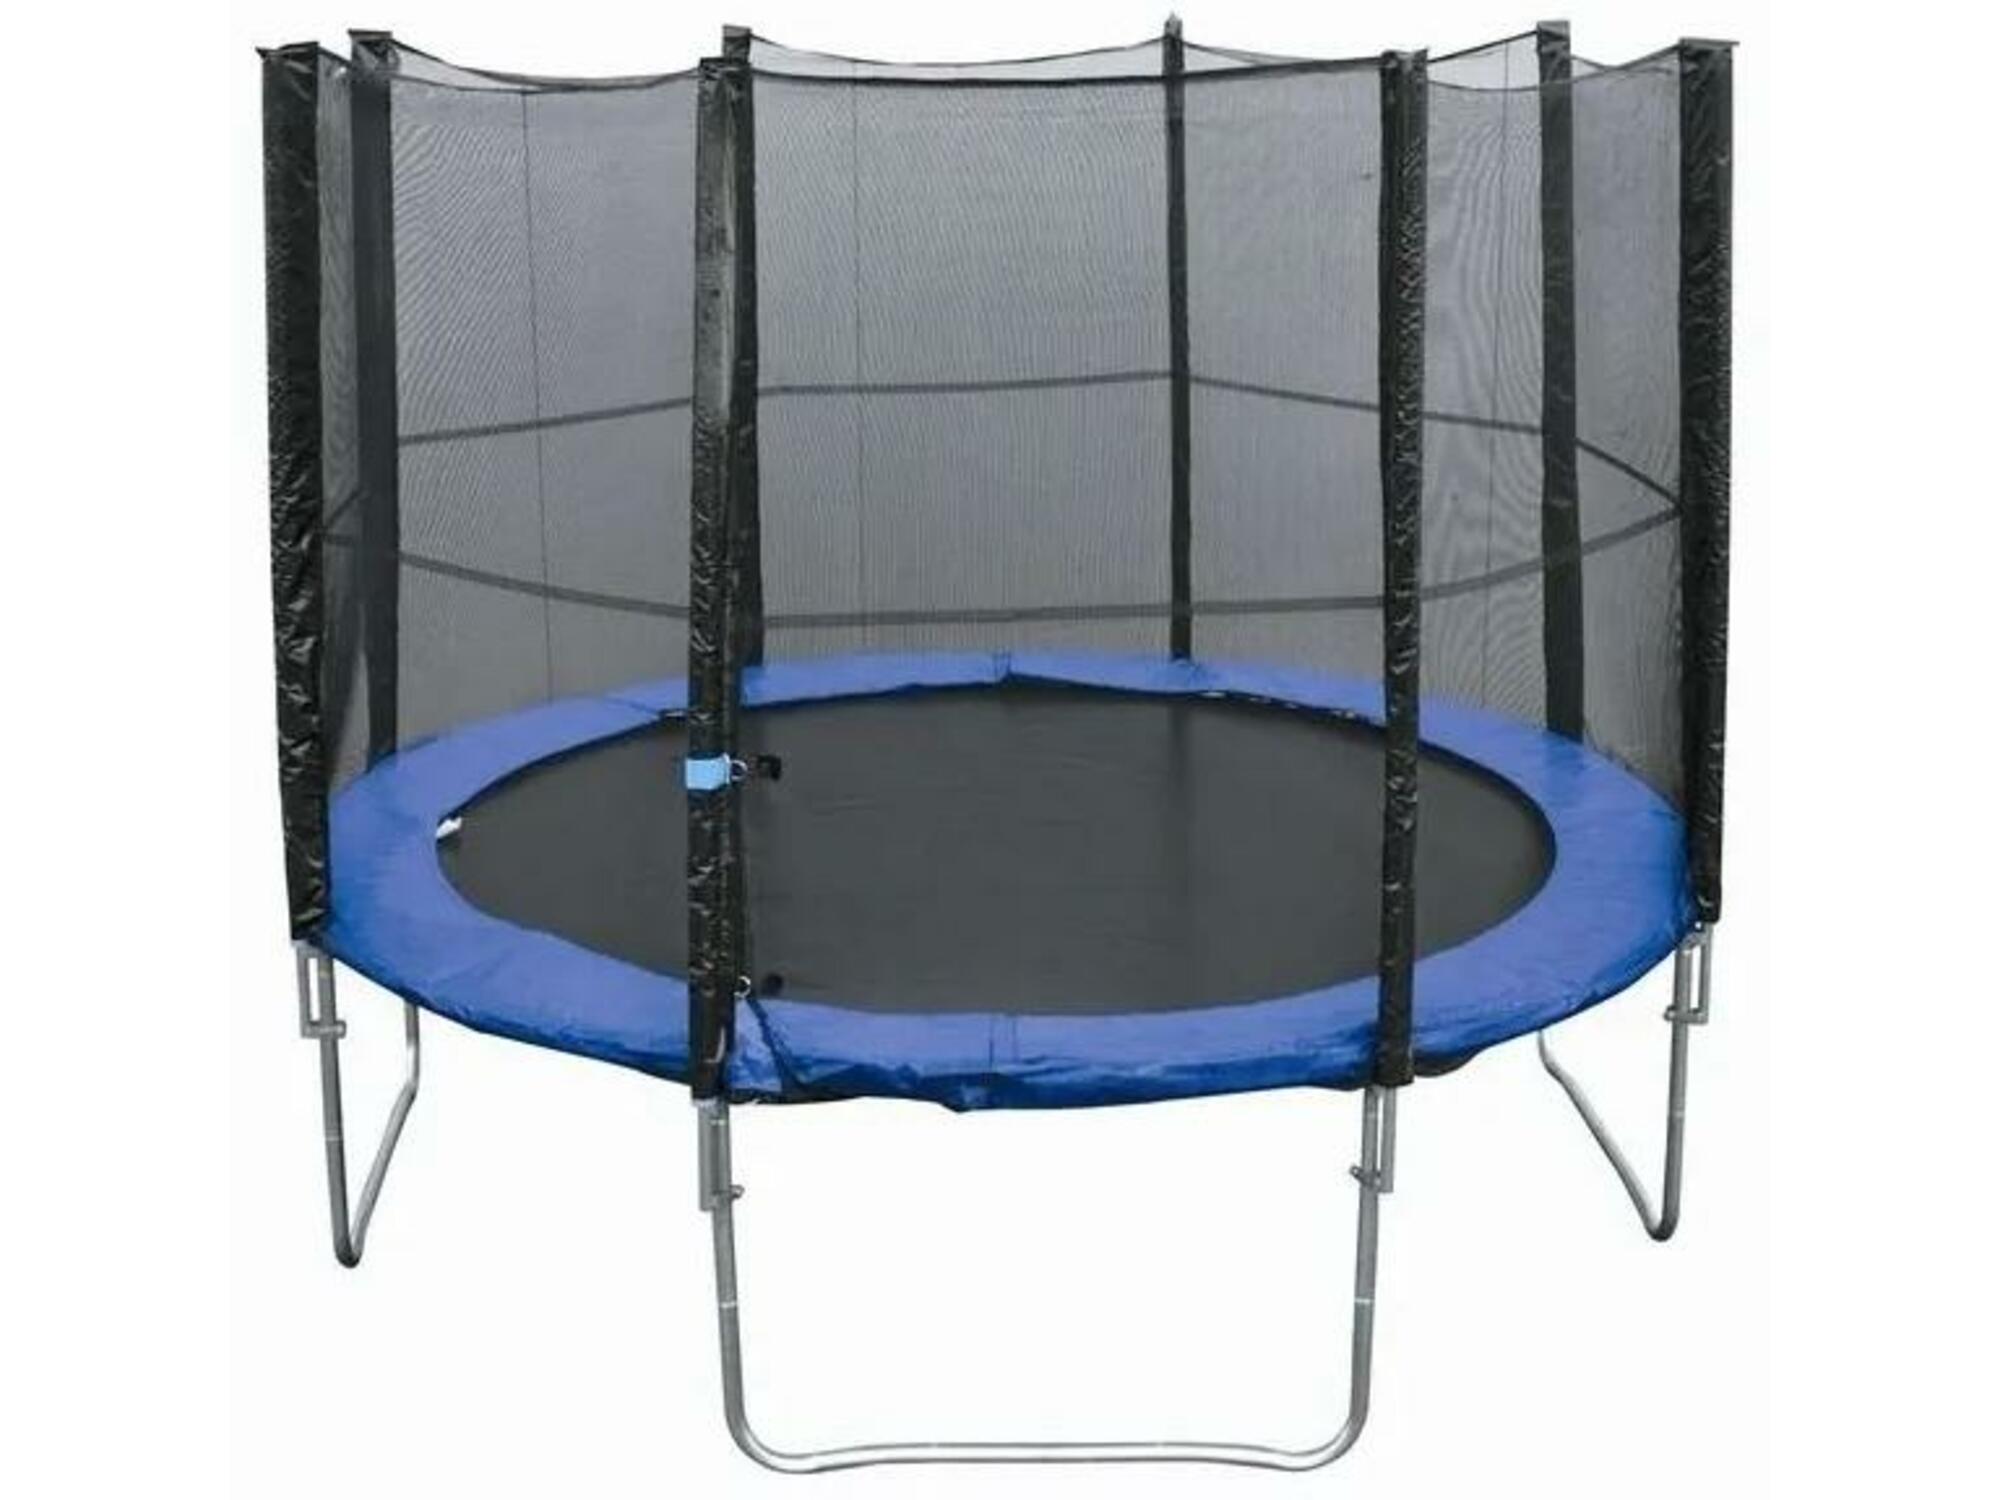 HELLY SUN trampolin z zaščitno mrežo TM-114 (00109) 397 cm